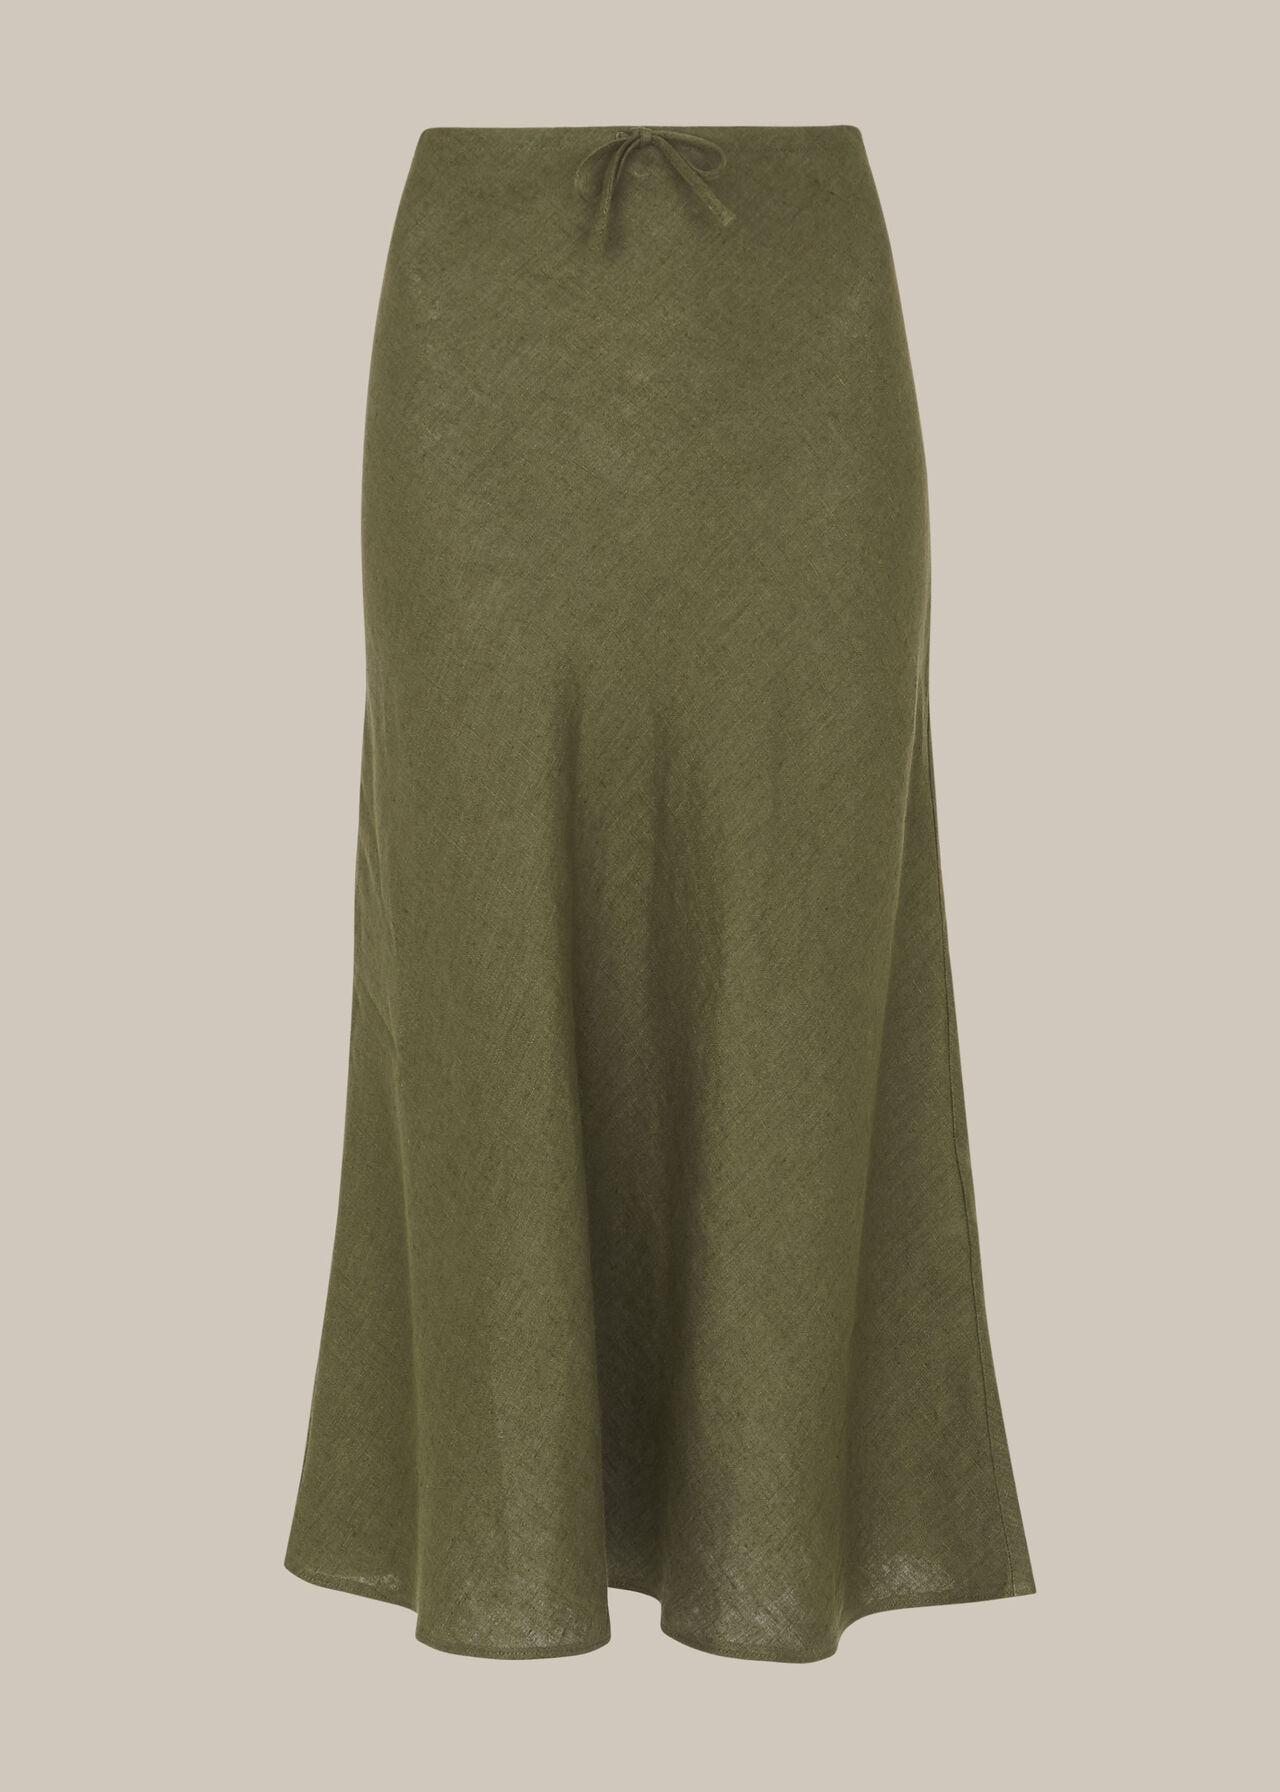 Linen Bias Cut Skirt